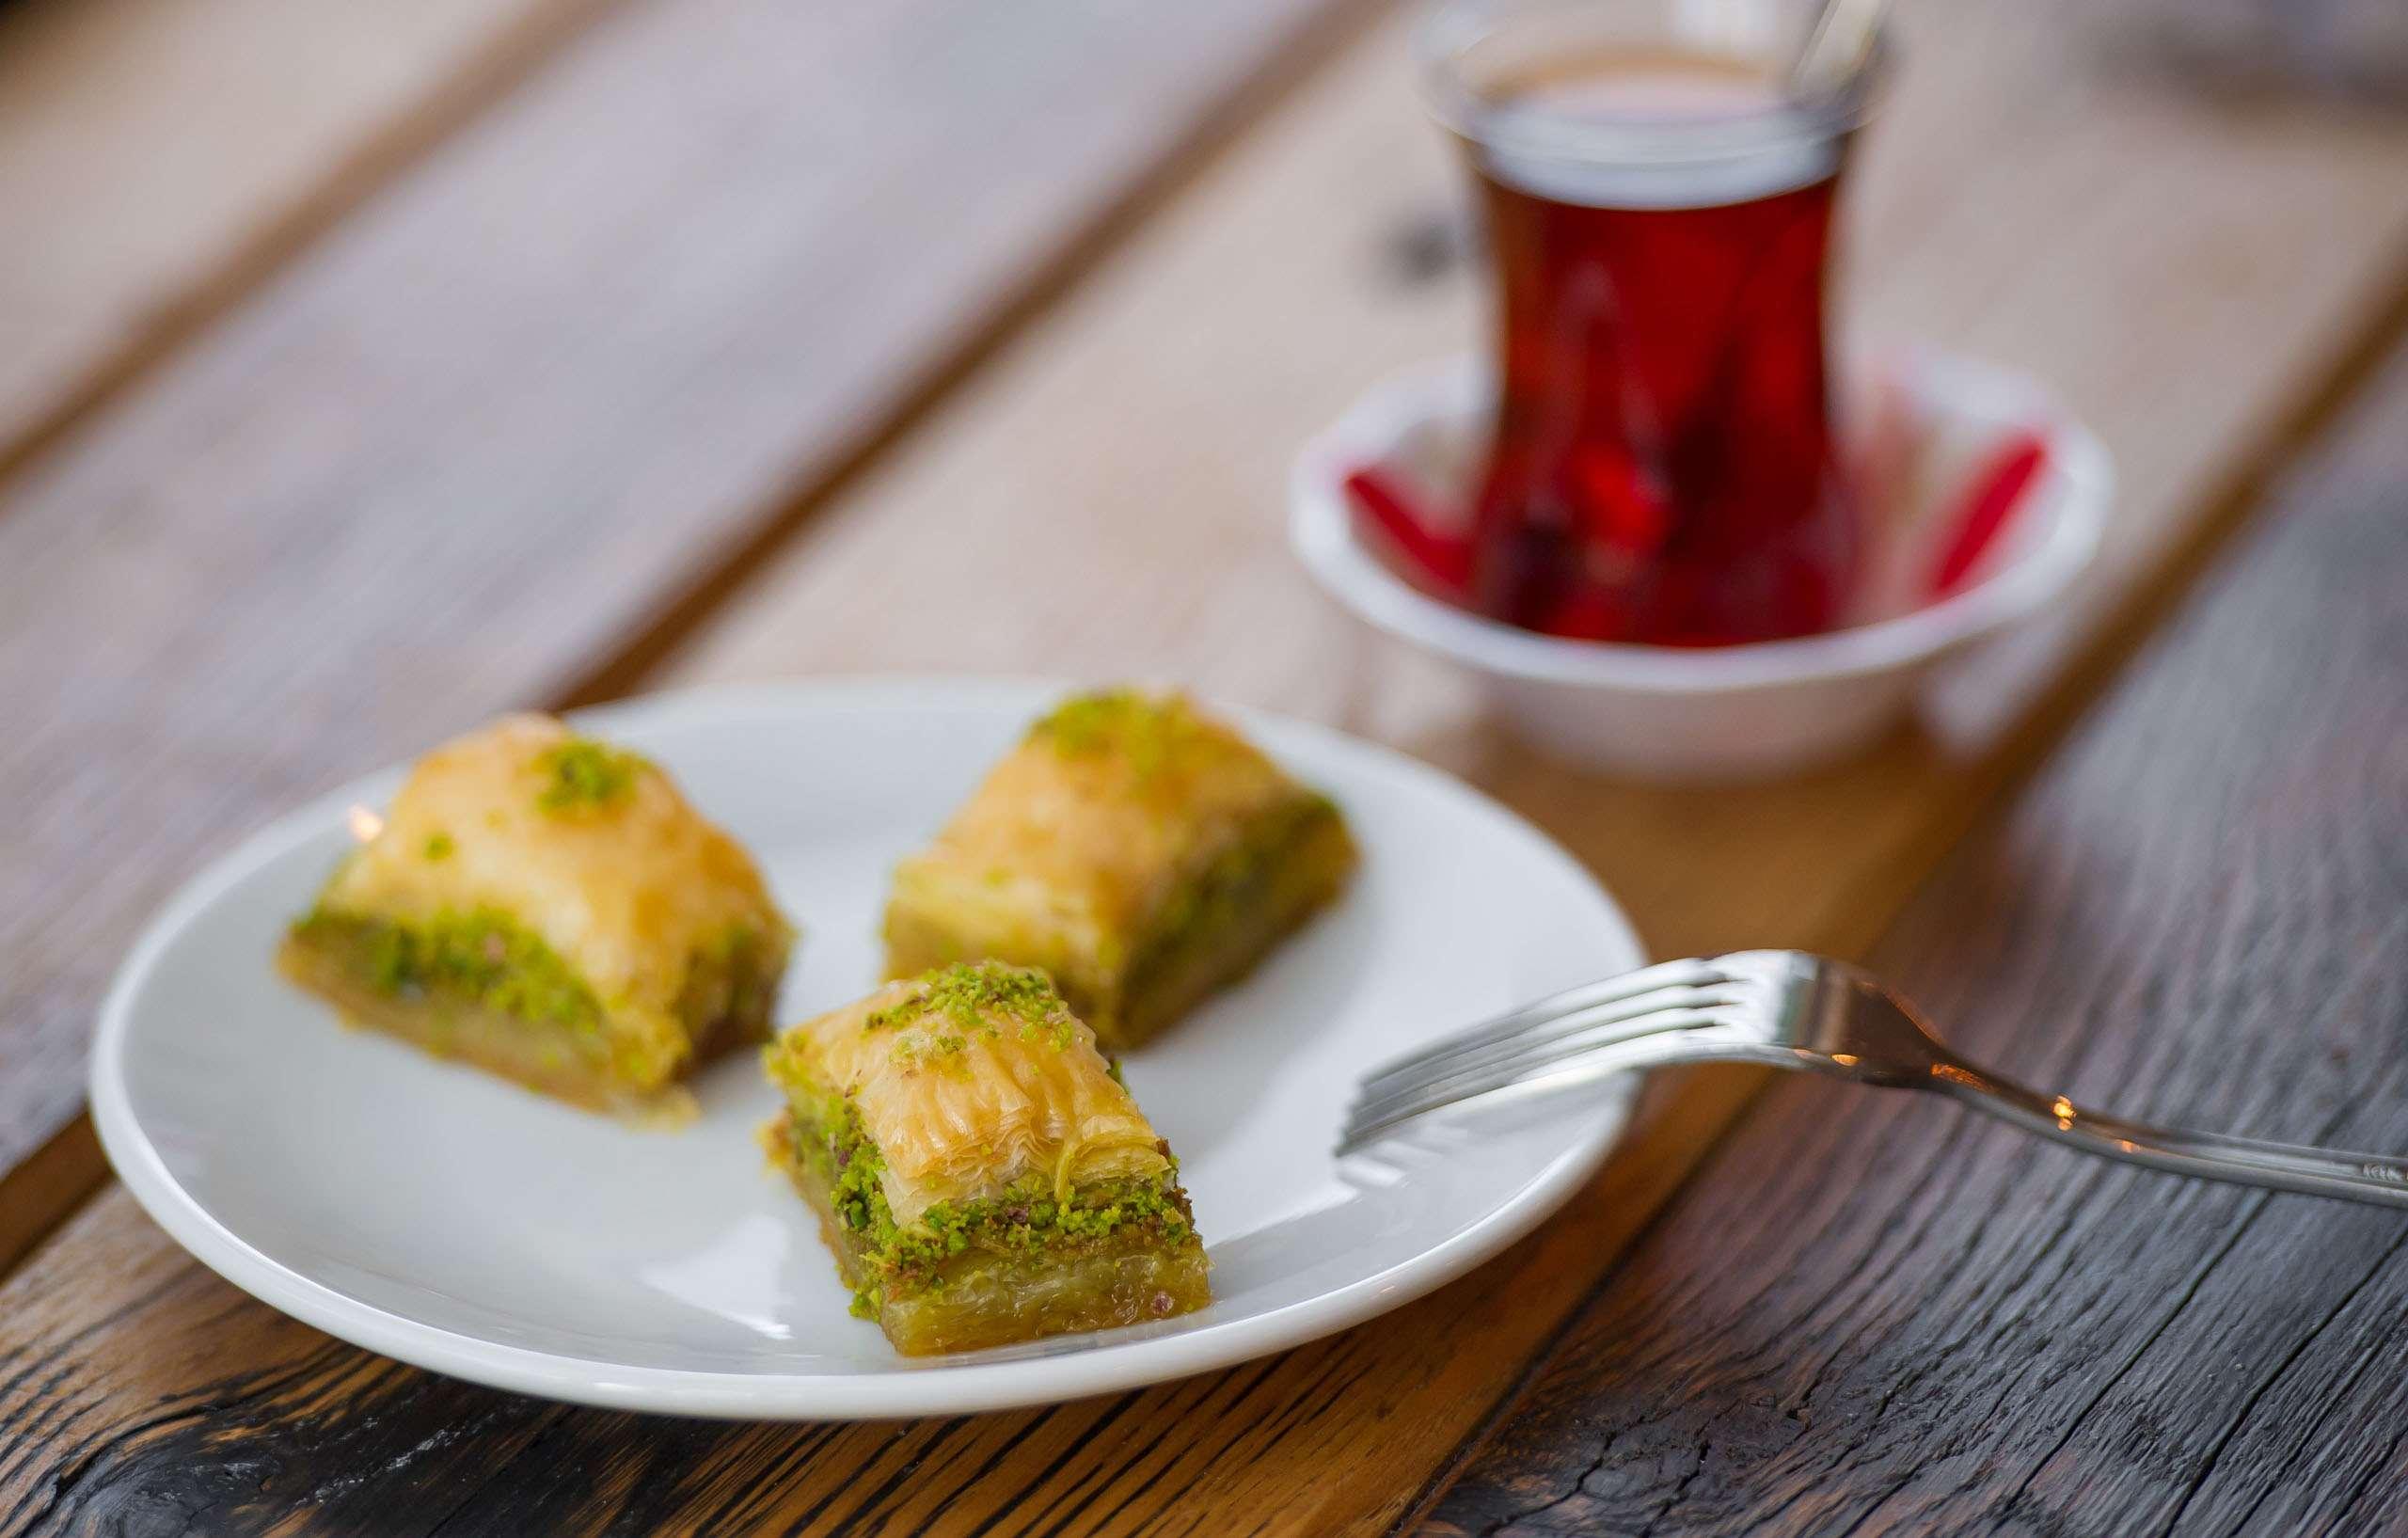 Kervan nổi tiếng với những chiếc bánh truyền thống Thổ Nhĩ Kỳ